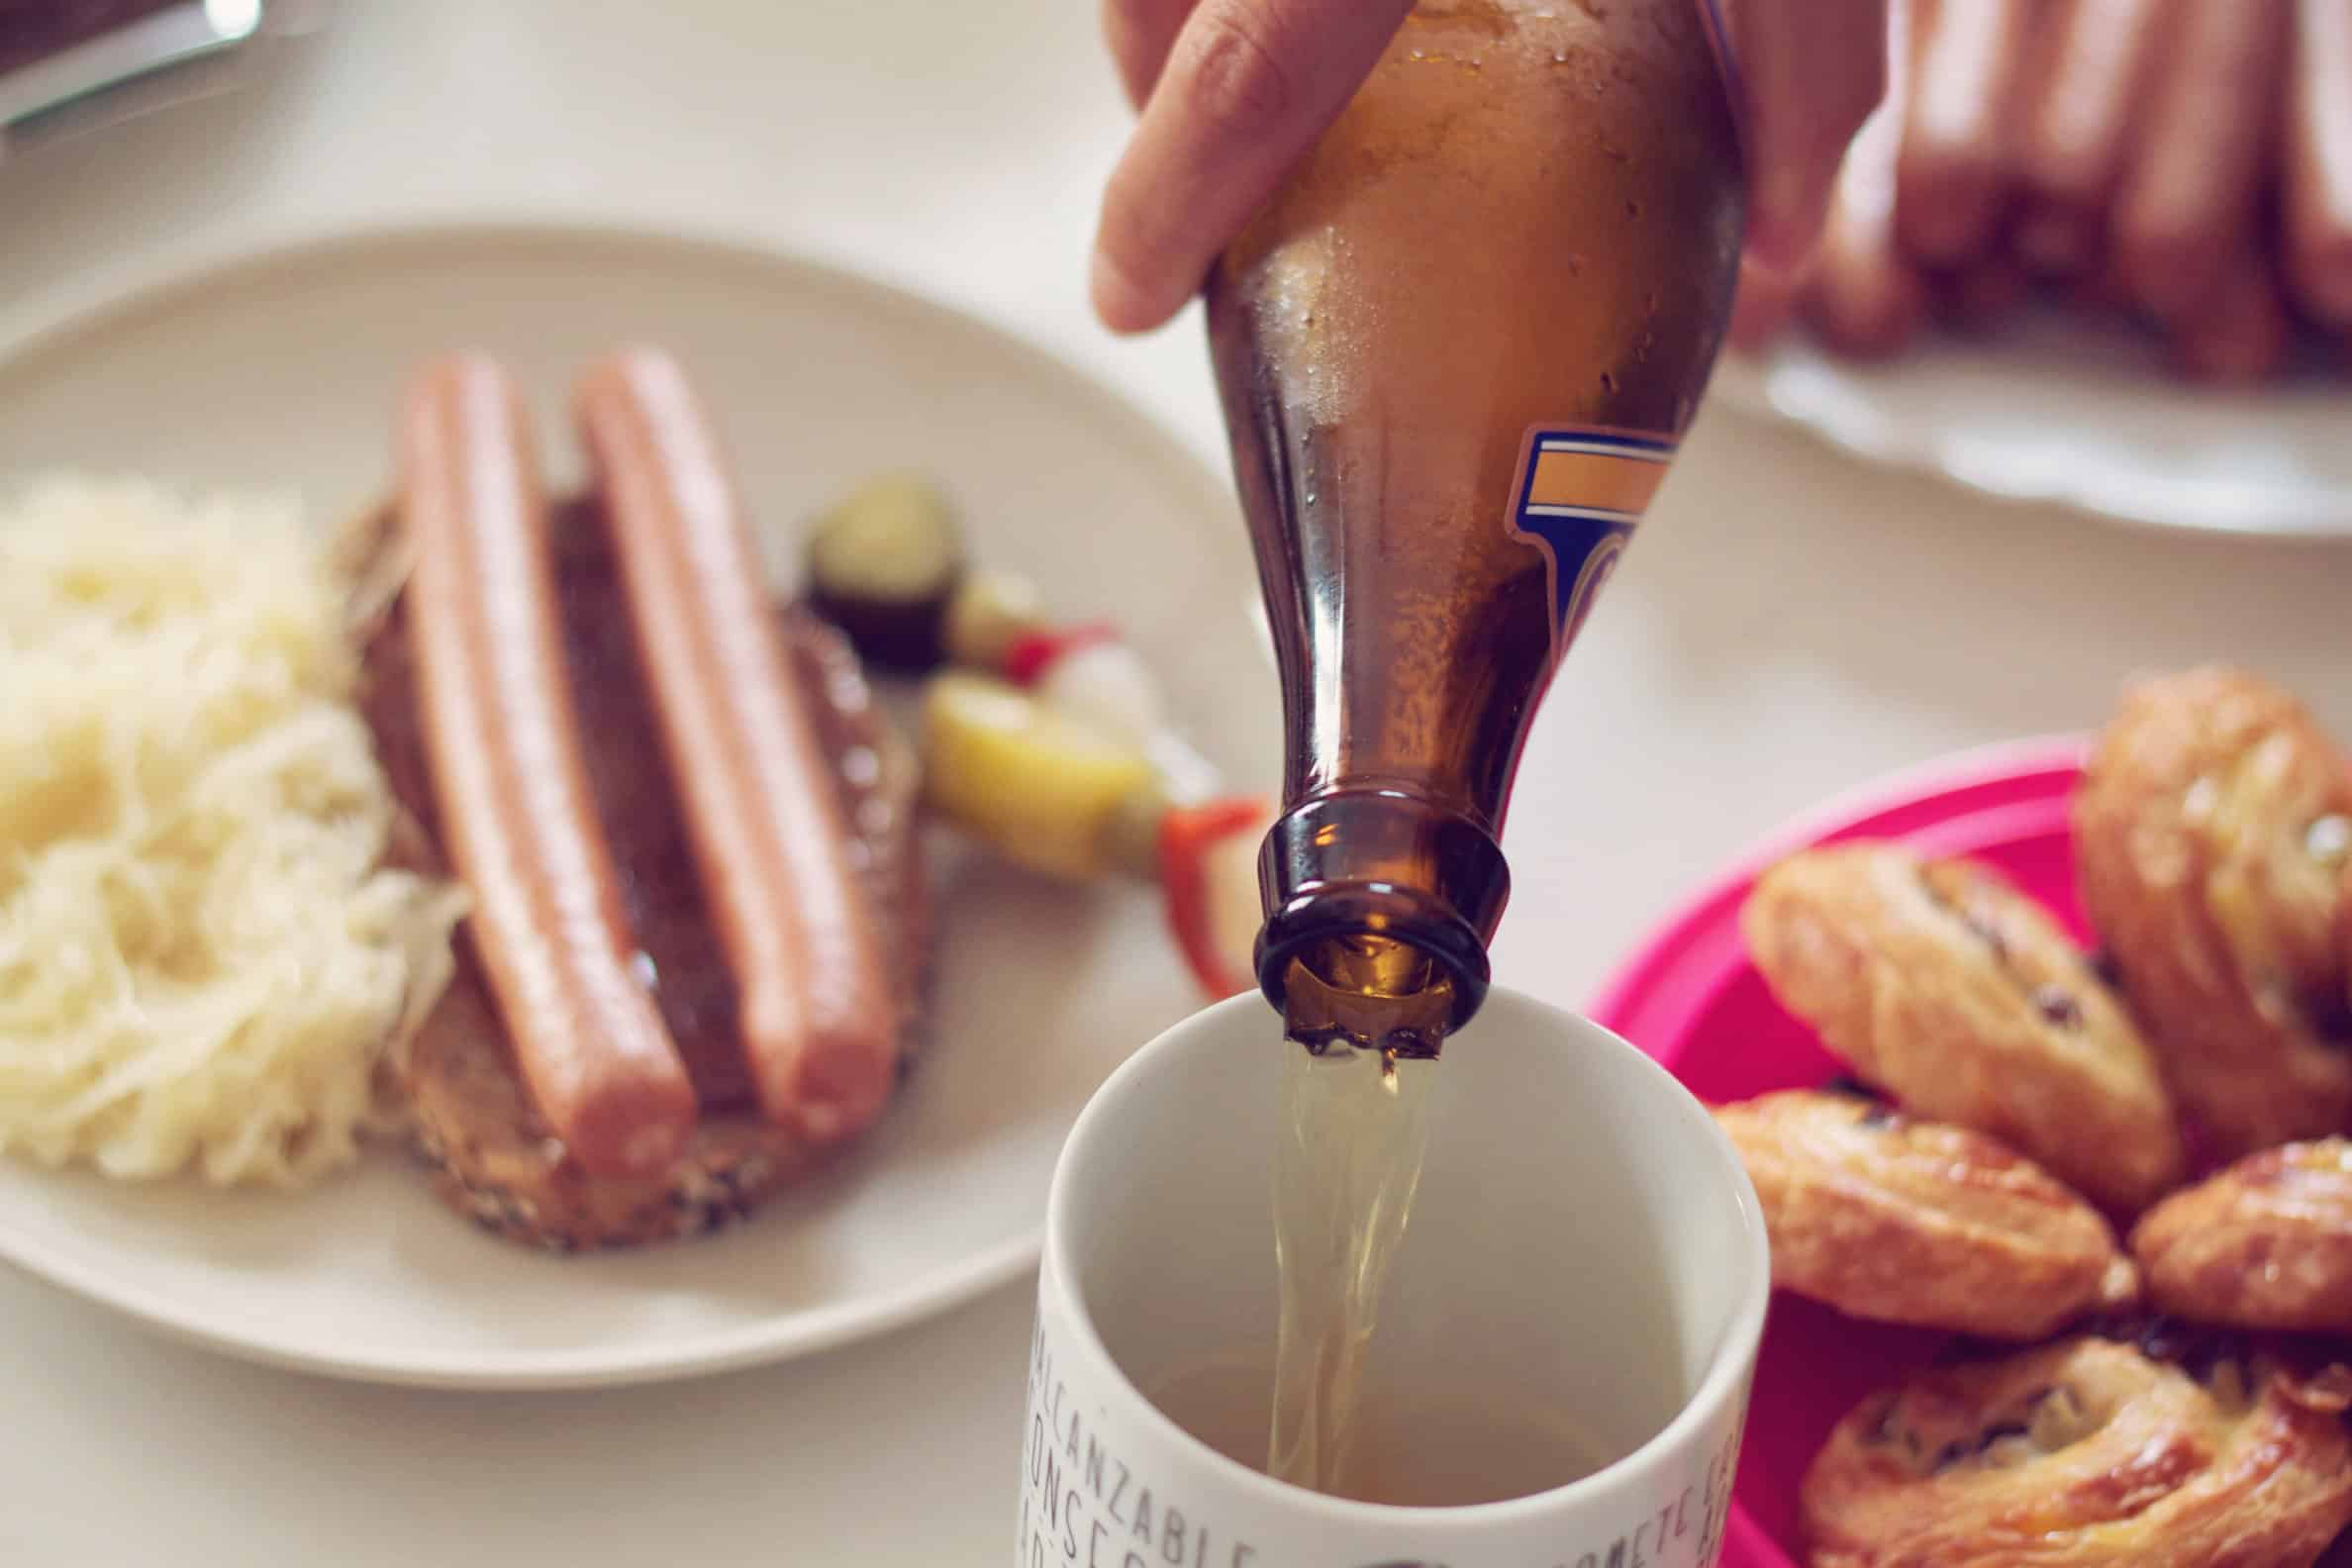 Deutsches Essen mit Wurst, Sauerkraut und Bier